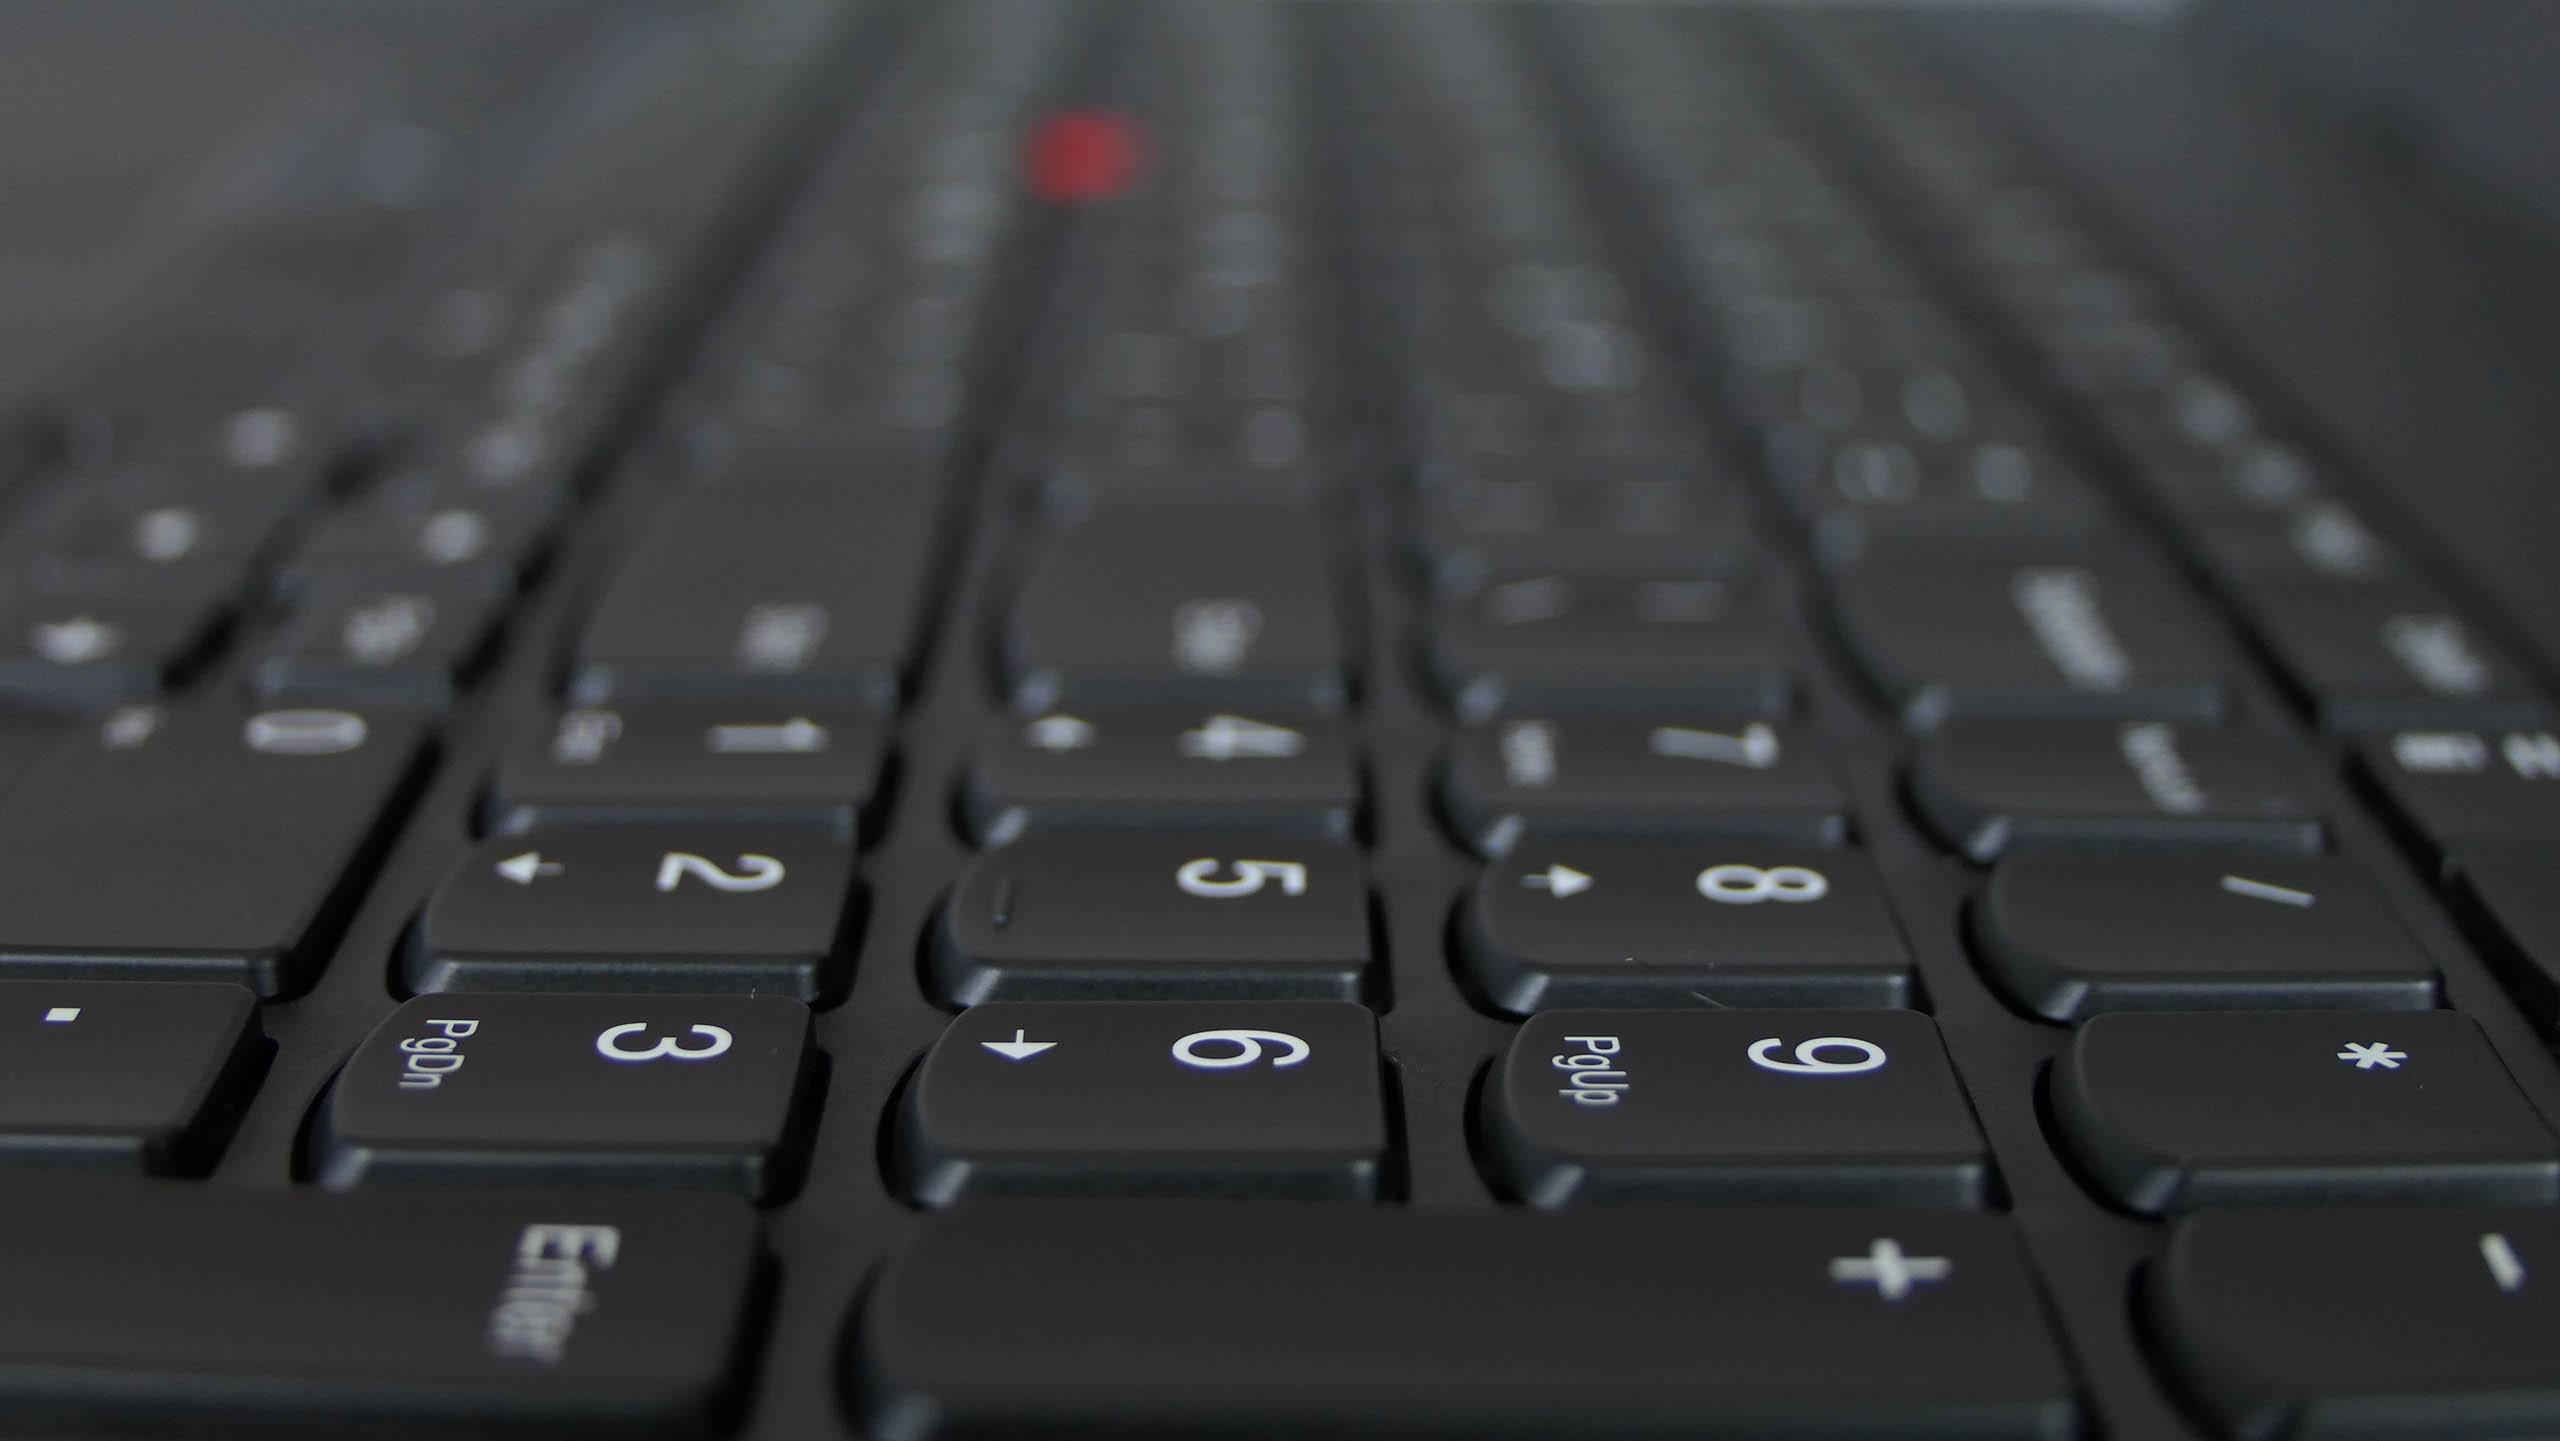 Lenovo ThinkPad L580 - wyspowa klawiatura z podświetleniem